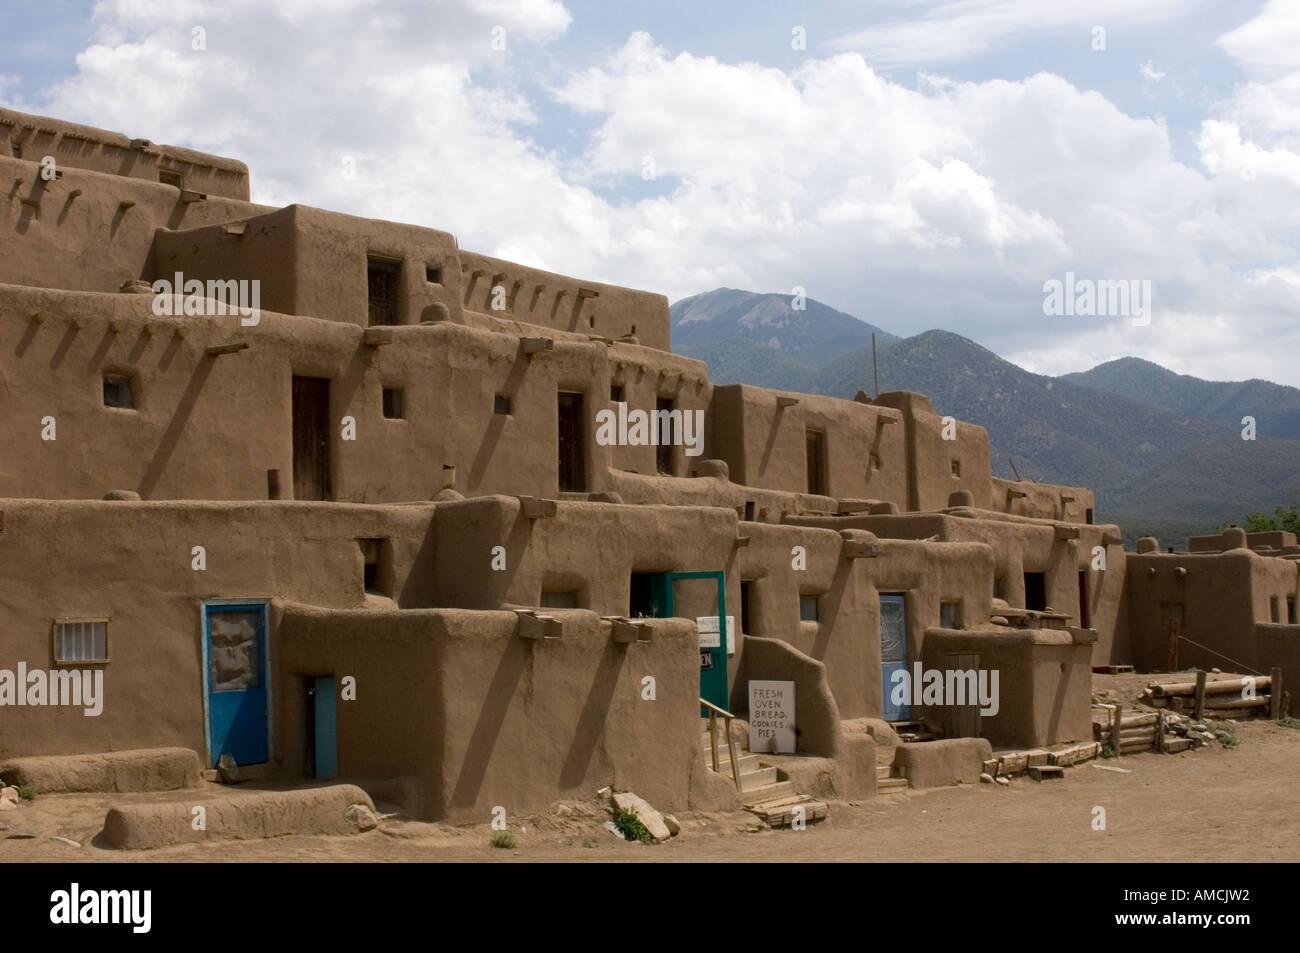 Taos dating voi 18 vuotta täyttäneistä dating alaikäisiä